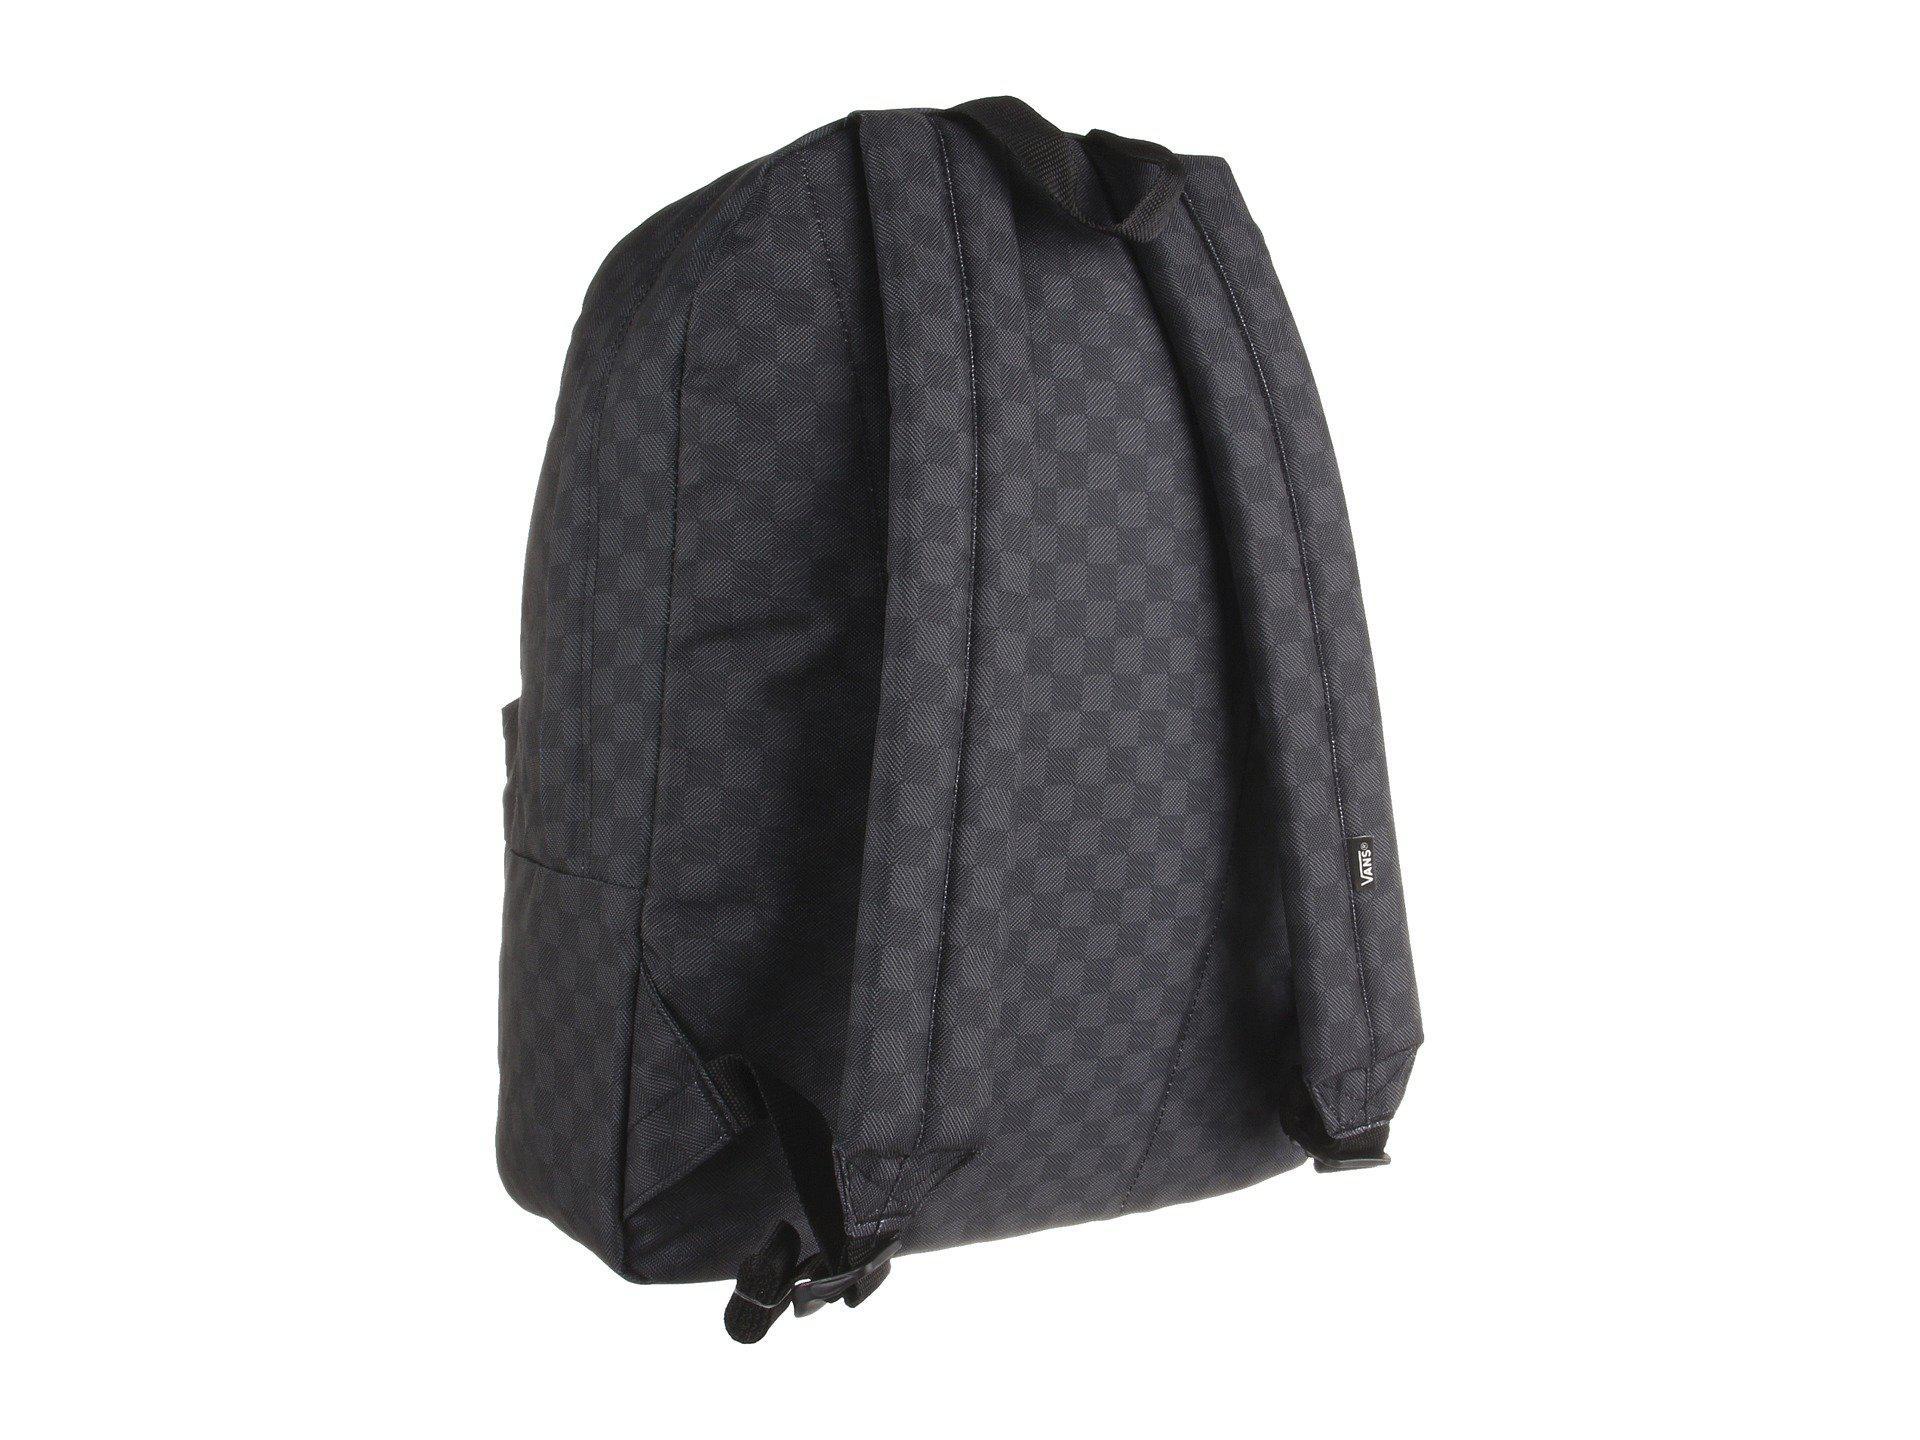 c6092049819e Vans - Black Old Skool Ii Backpack (herringbone) Backpack Bags for Men -  Lyst. View fullscreen